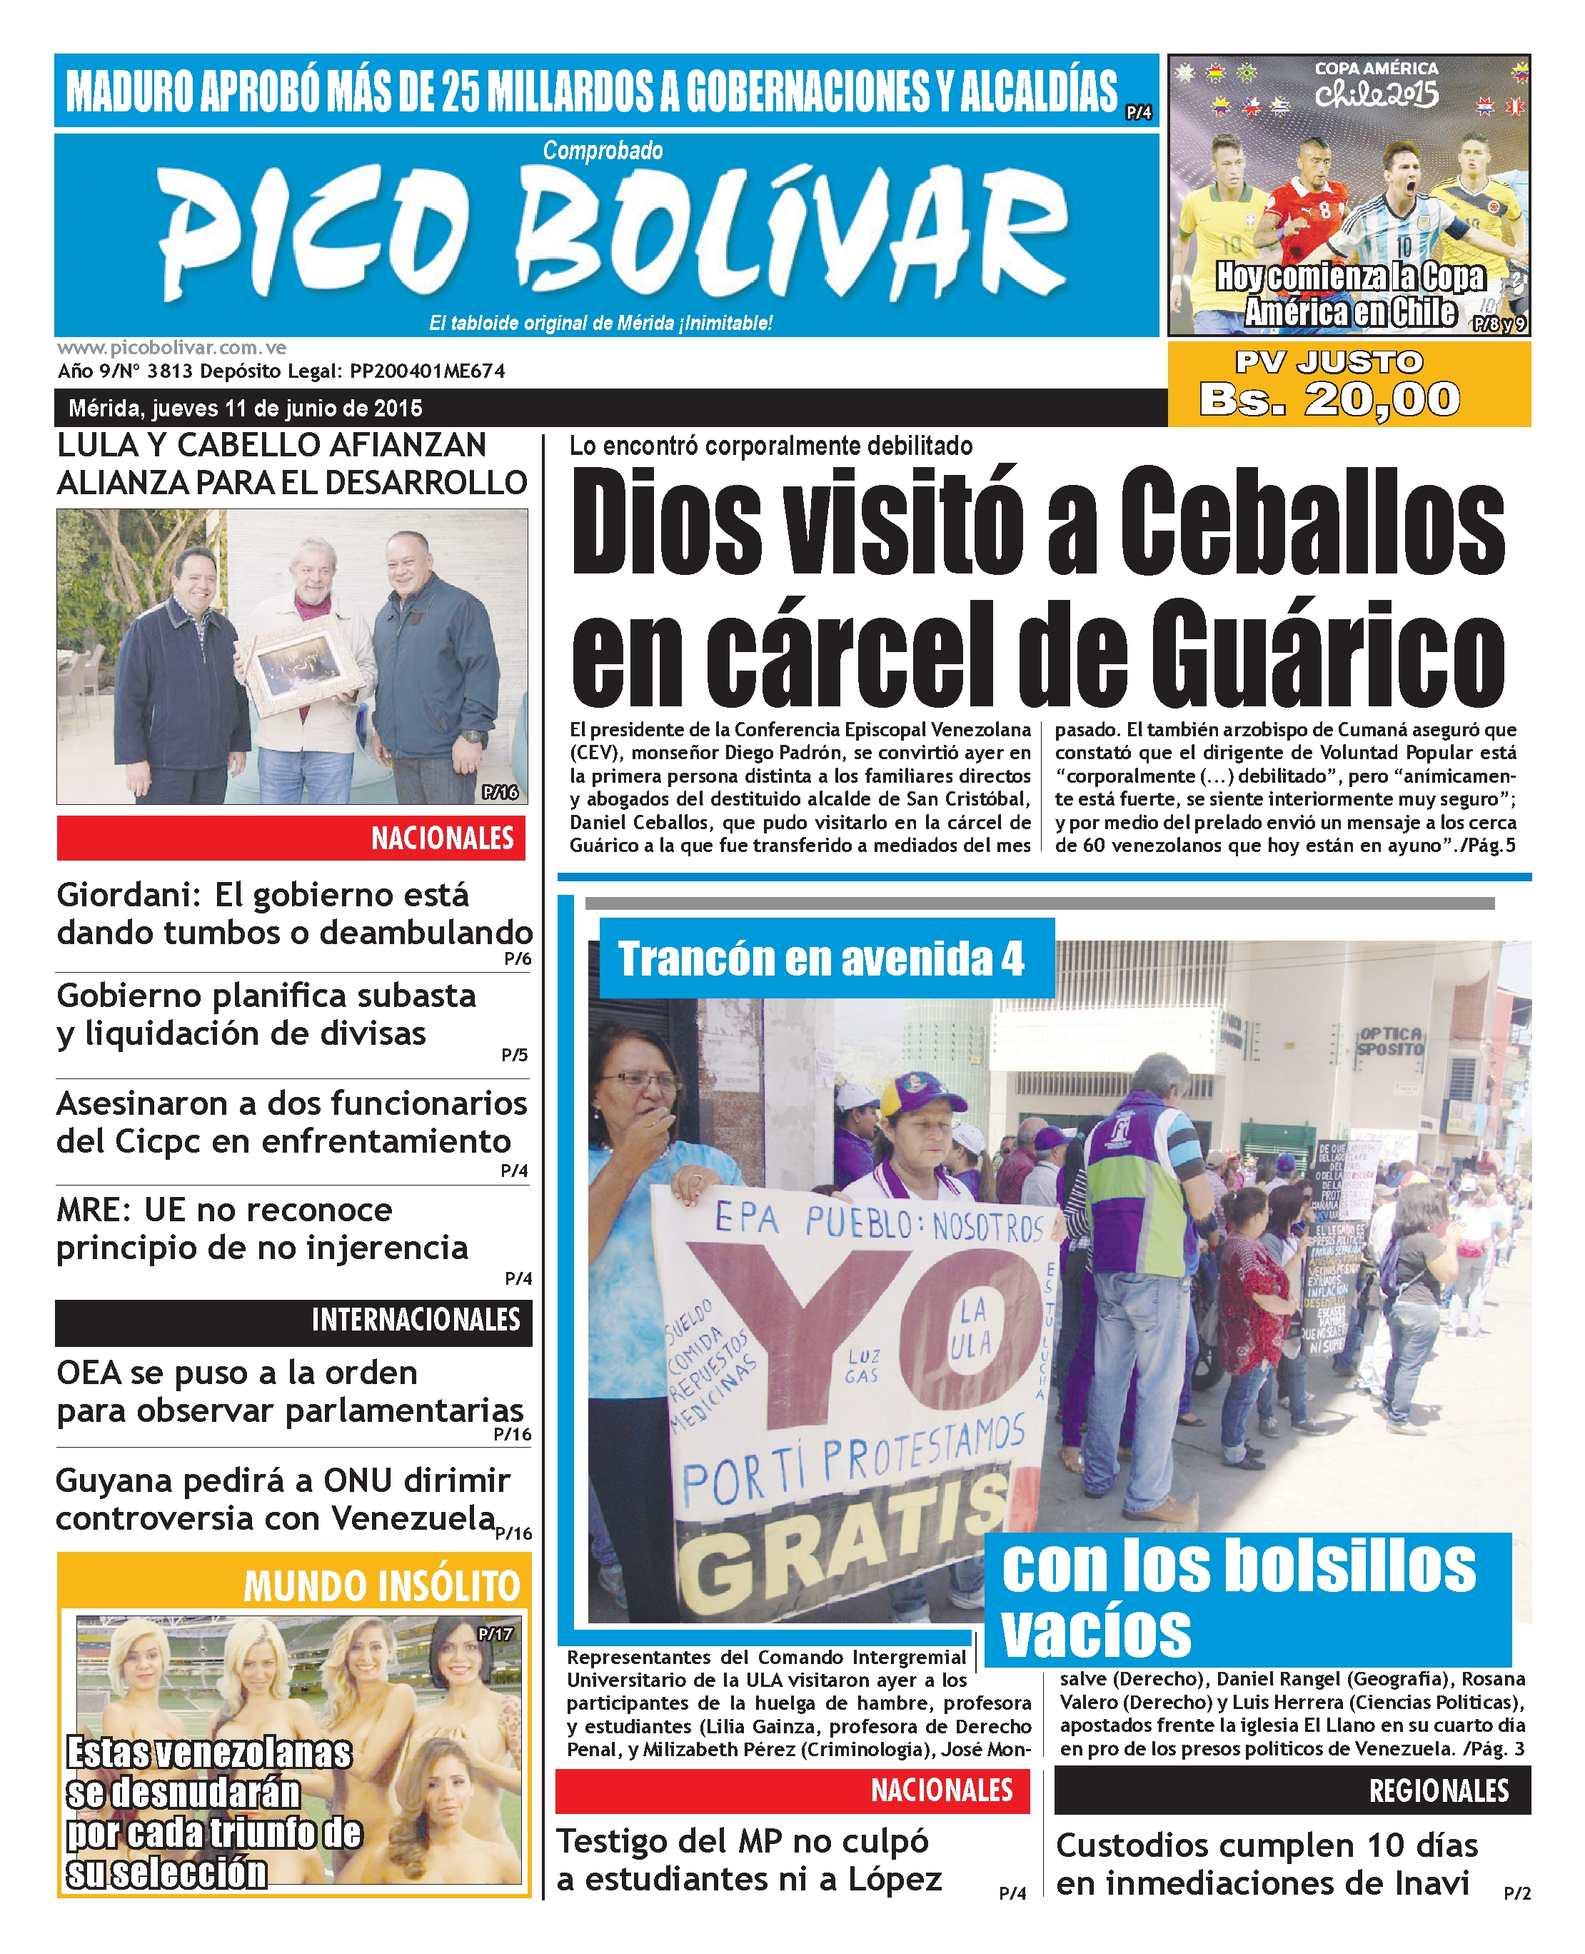 Calameo 11 06 2015